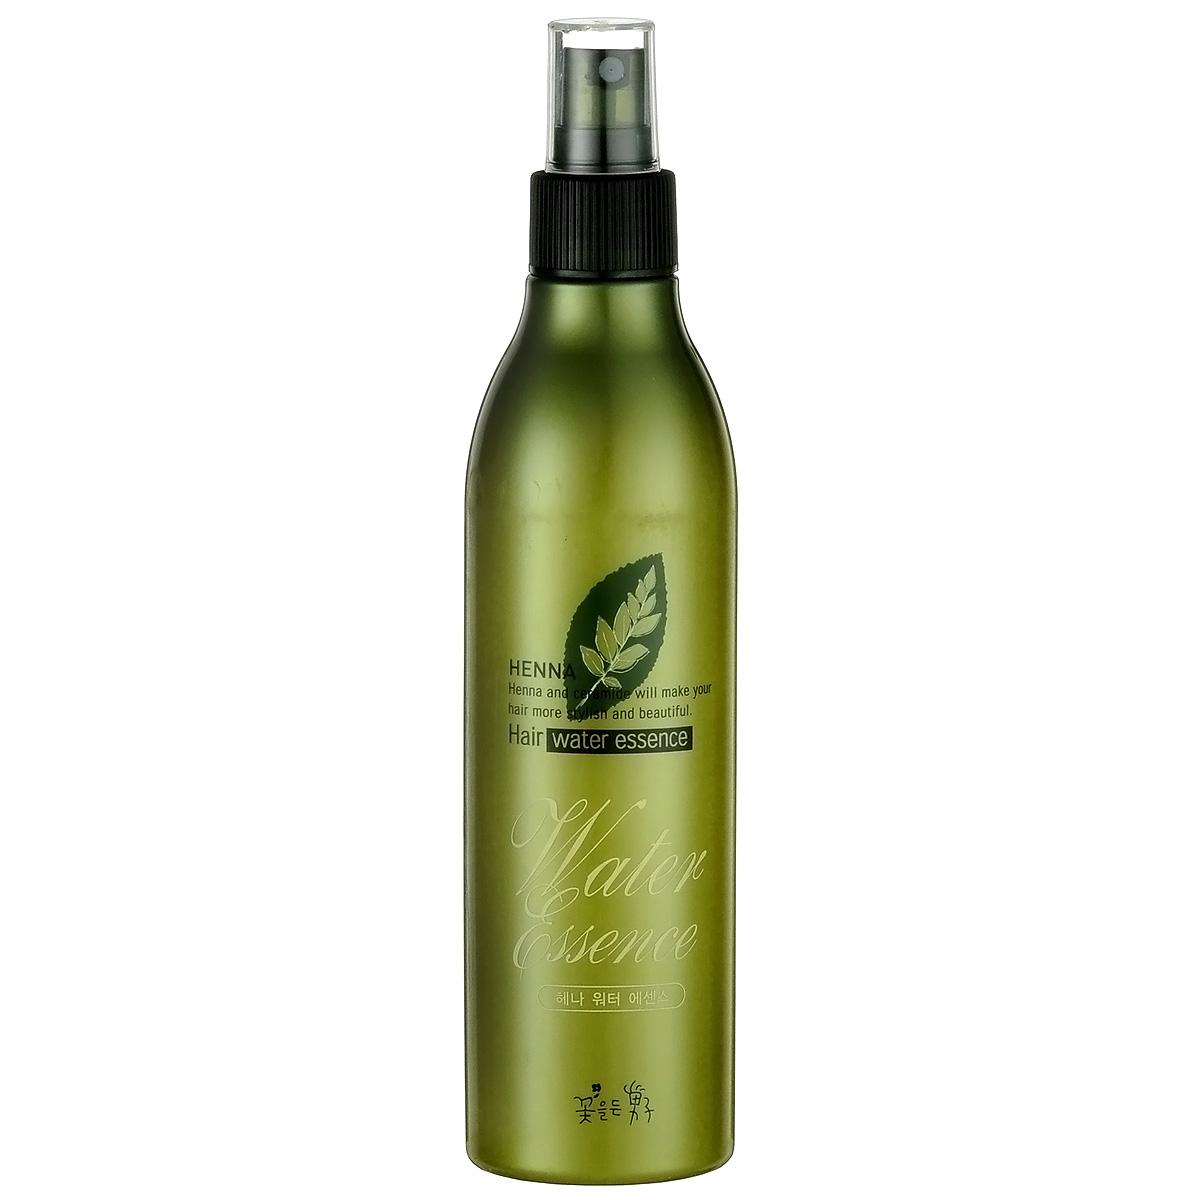 Somang Henna Увлажняющий флюид для волос, 300 мл122315Обеспечивает волосам длительное увлажнение и питание. Дезодорирует волосы, защищая от запахов табака, пищи и пр. Содержит экстракт ламинарии, гидролизованный кератин и керамид. Для всех типов волос. Подходит для ежедневного использования.